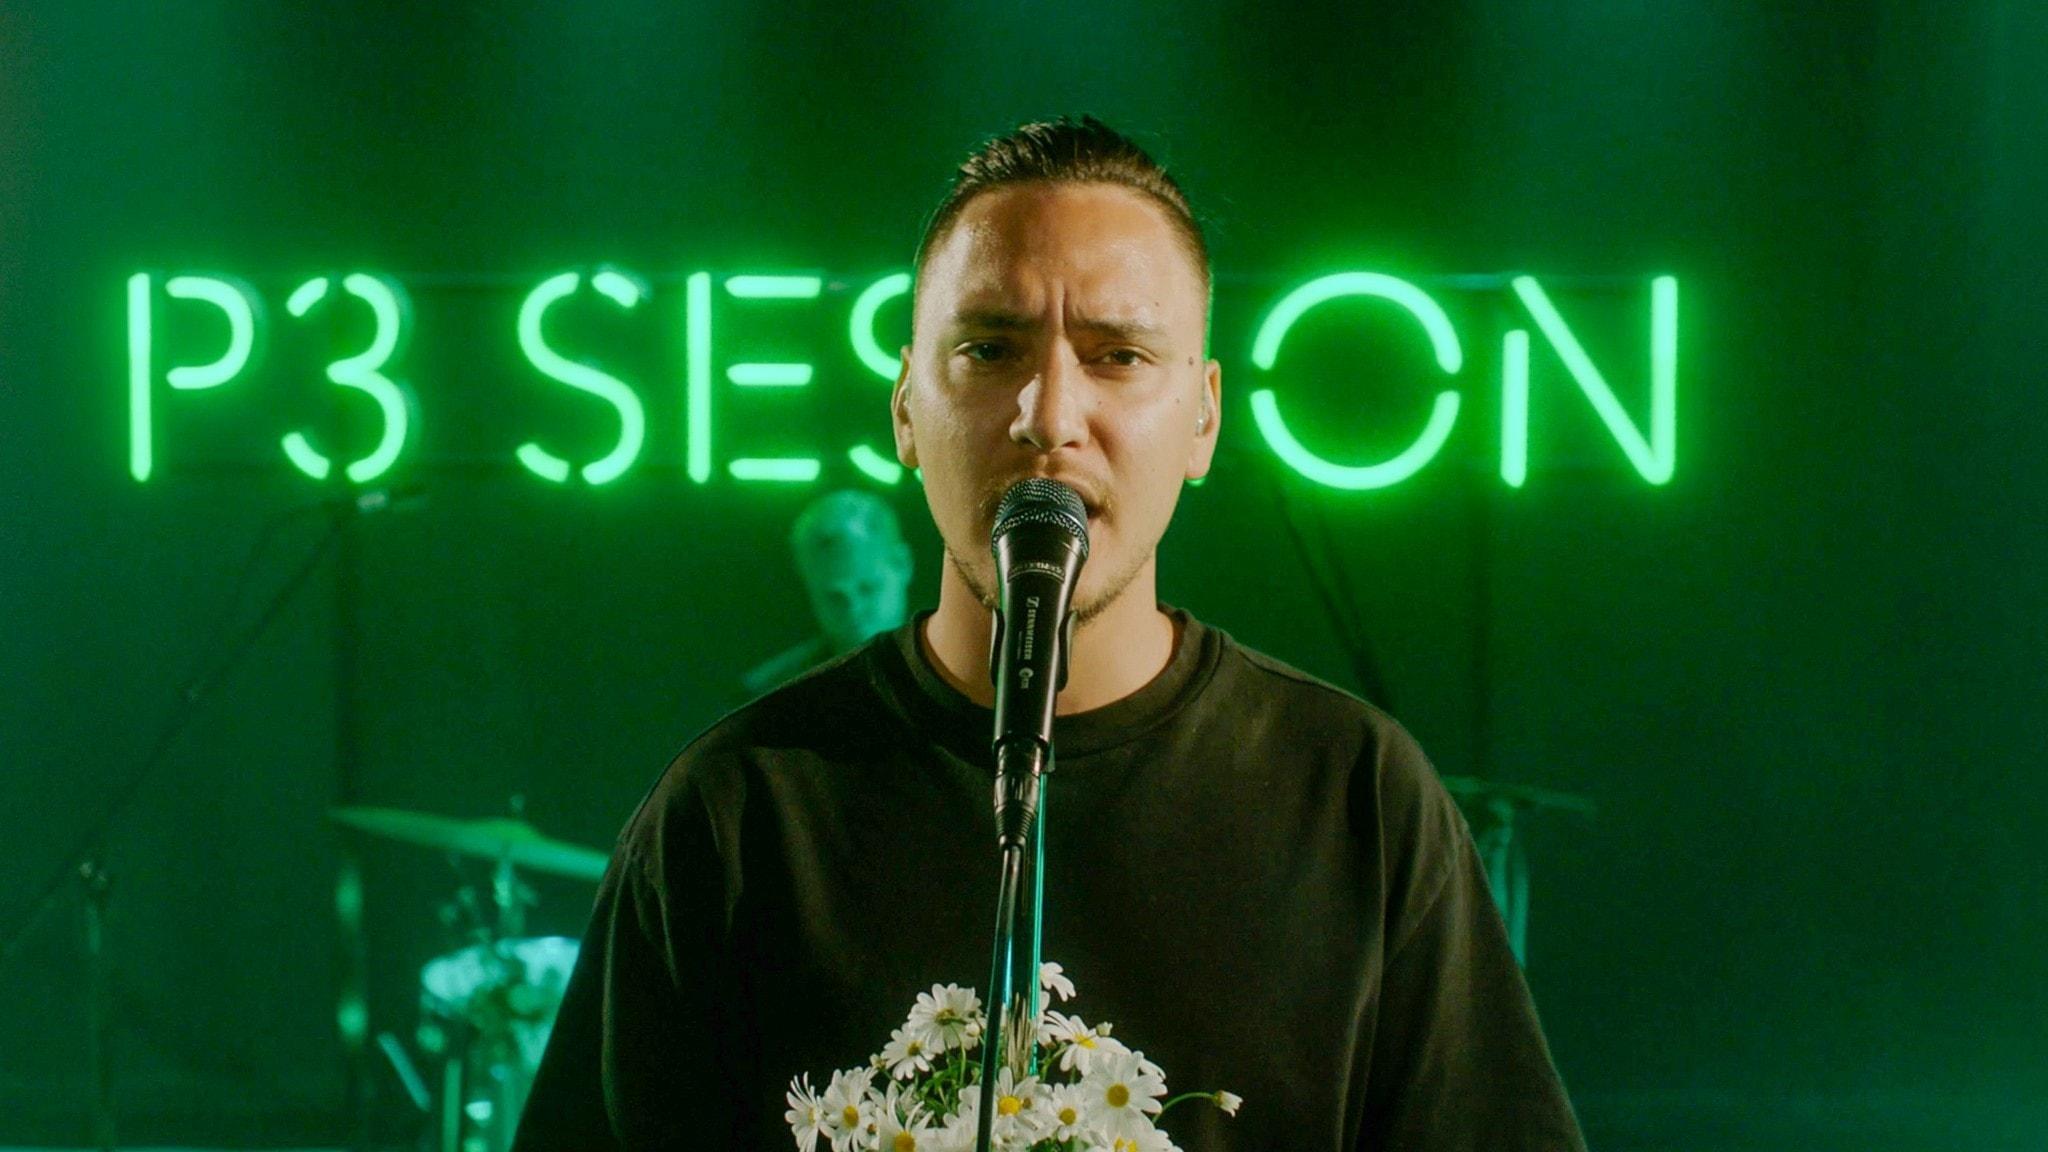 Newkid sjunger på P3 Sessions gröna scen